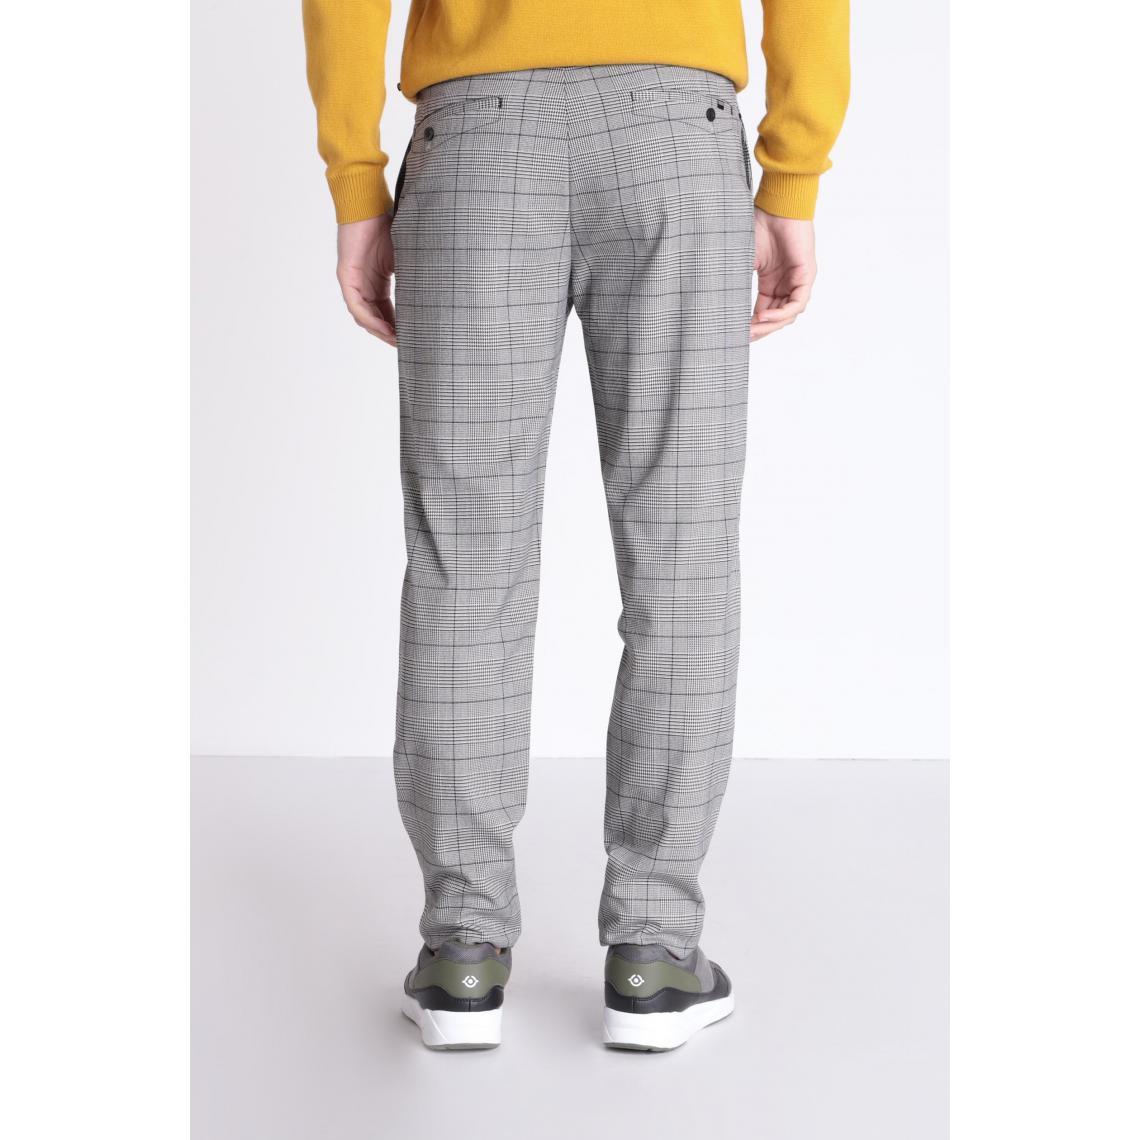 Pantalon chino prince de galles pXrQJ